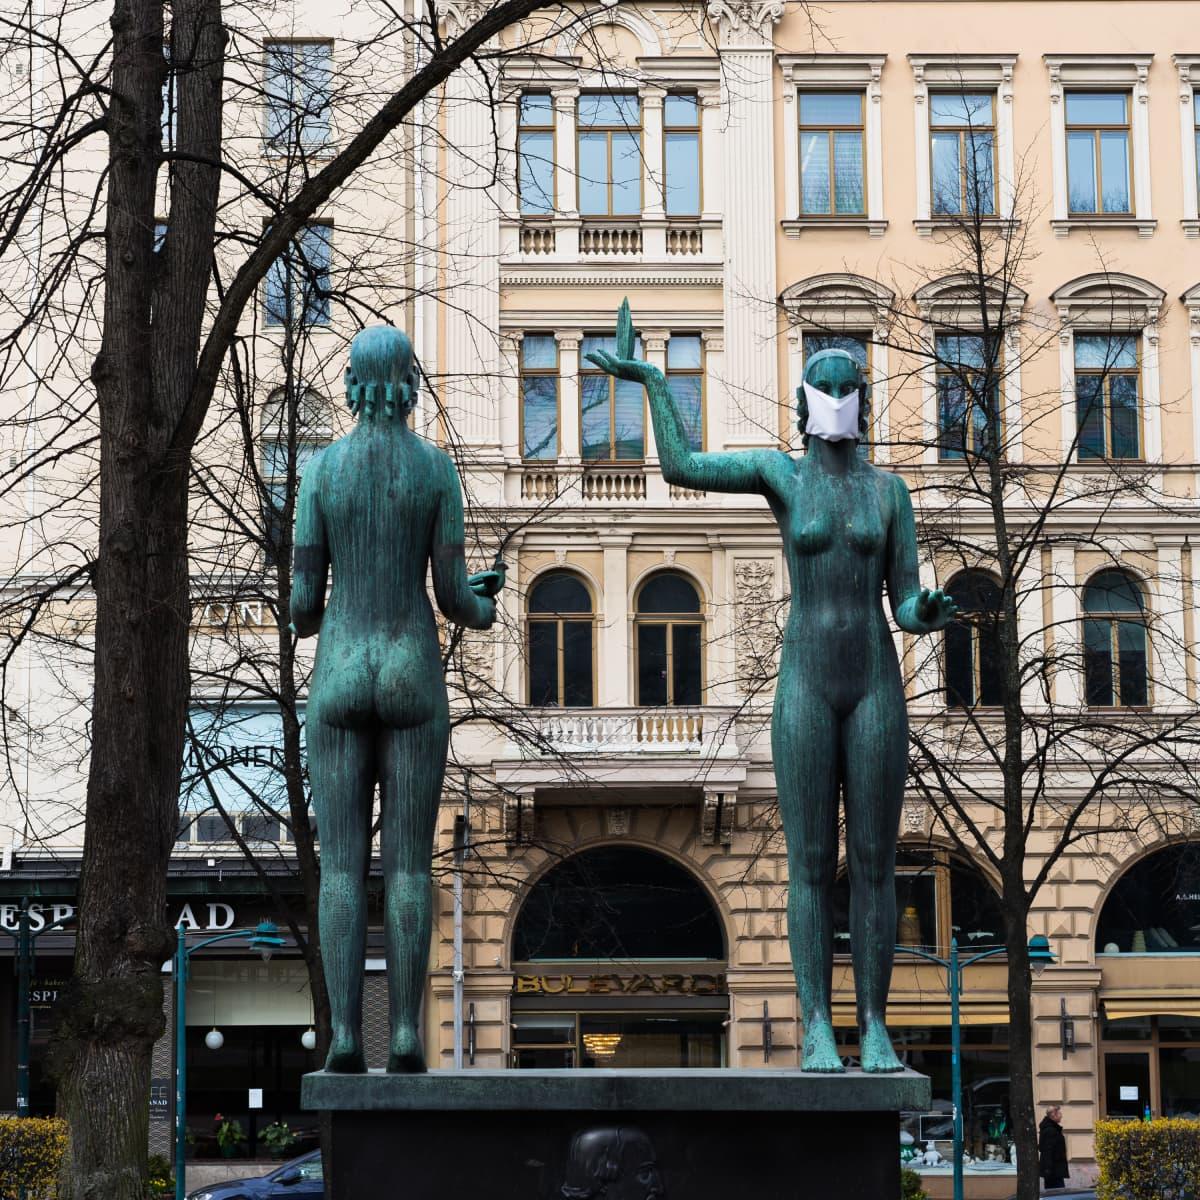 Taru ja Totuus -veistos Herlsingin Esplanadin puistossa. Vuonna 1932 paljastettu teos on omistettu Zachris Topeliuksen muistolle. 31.3.2020 se oli saanut koronavirusajan hengessä hengityssuojan.